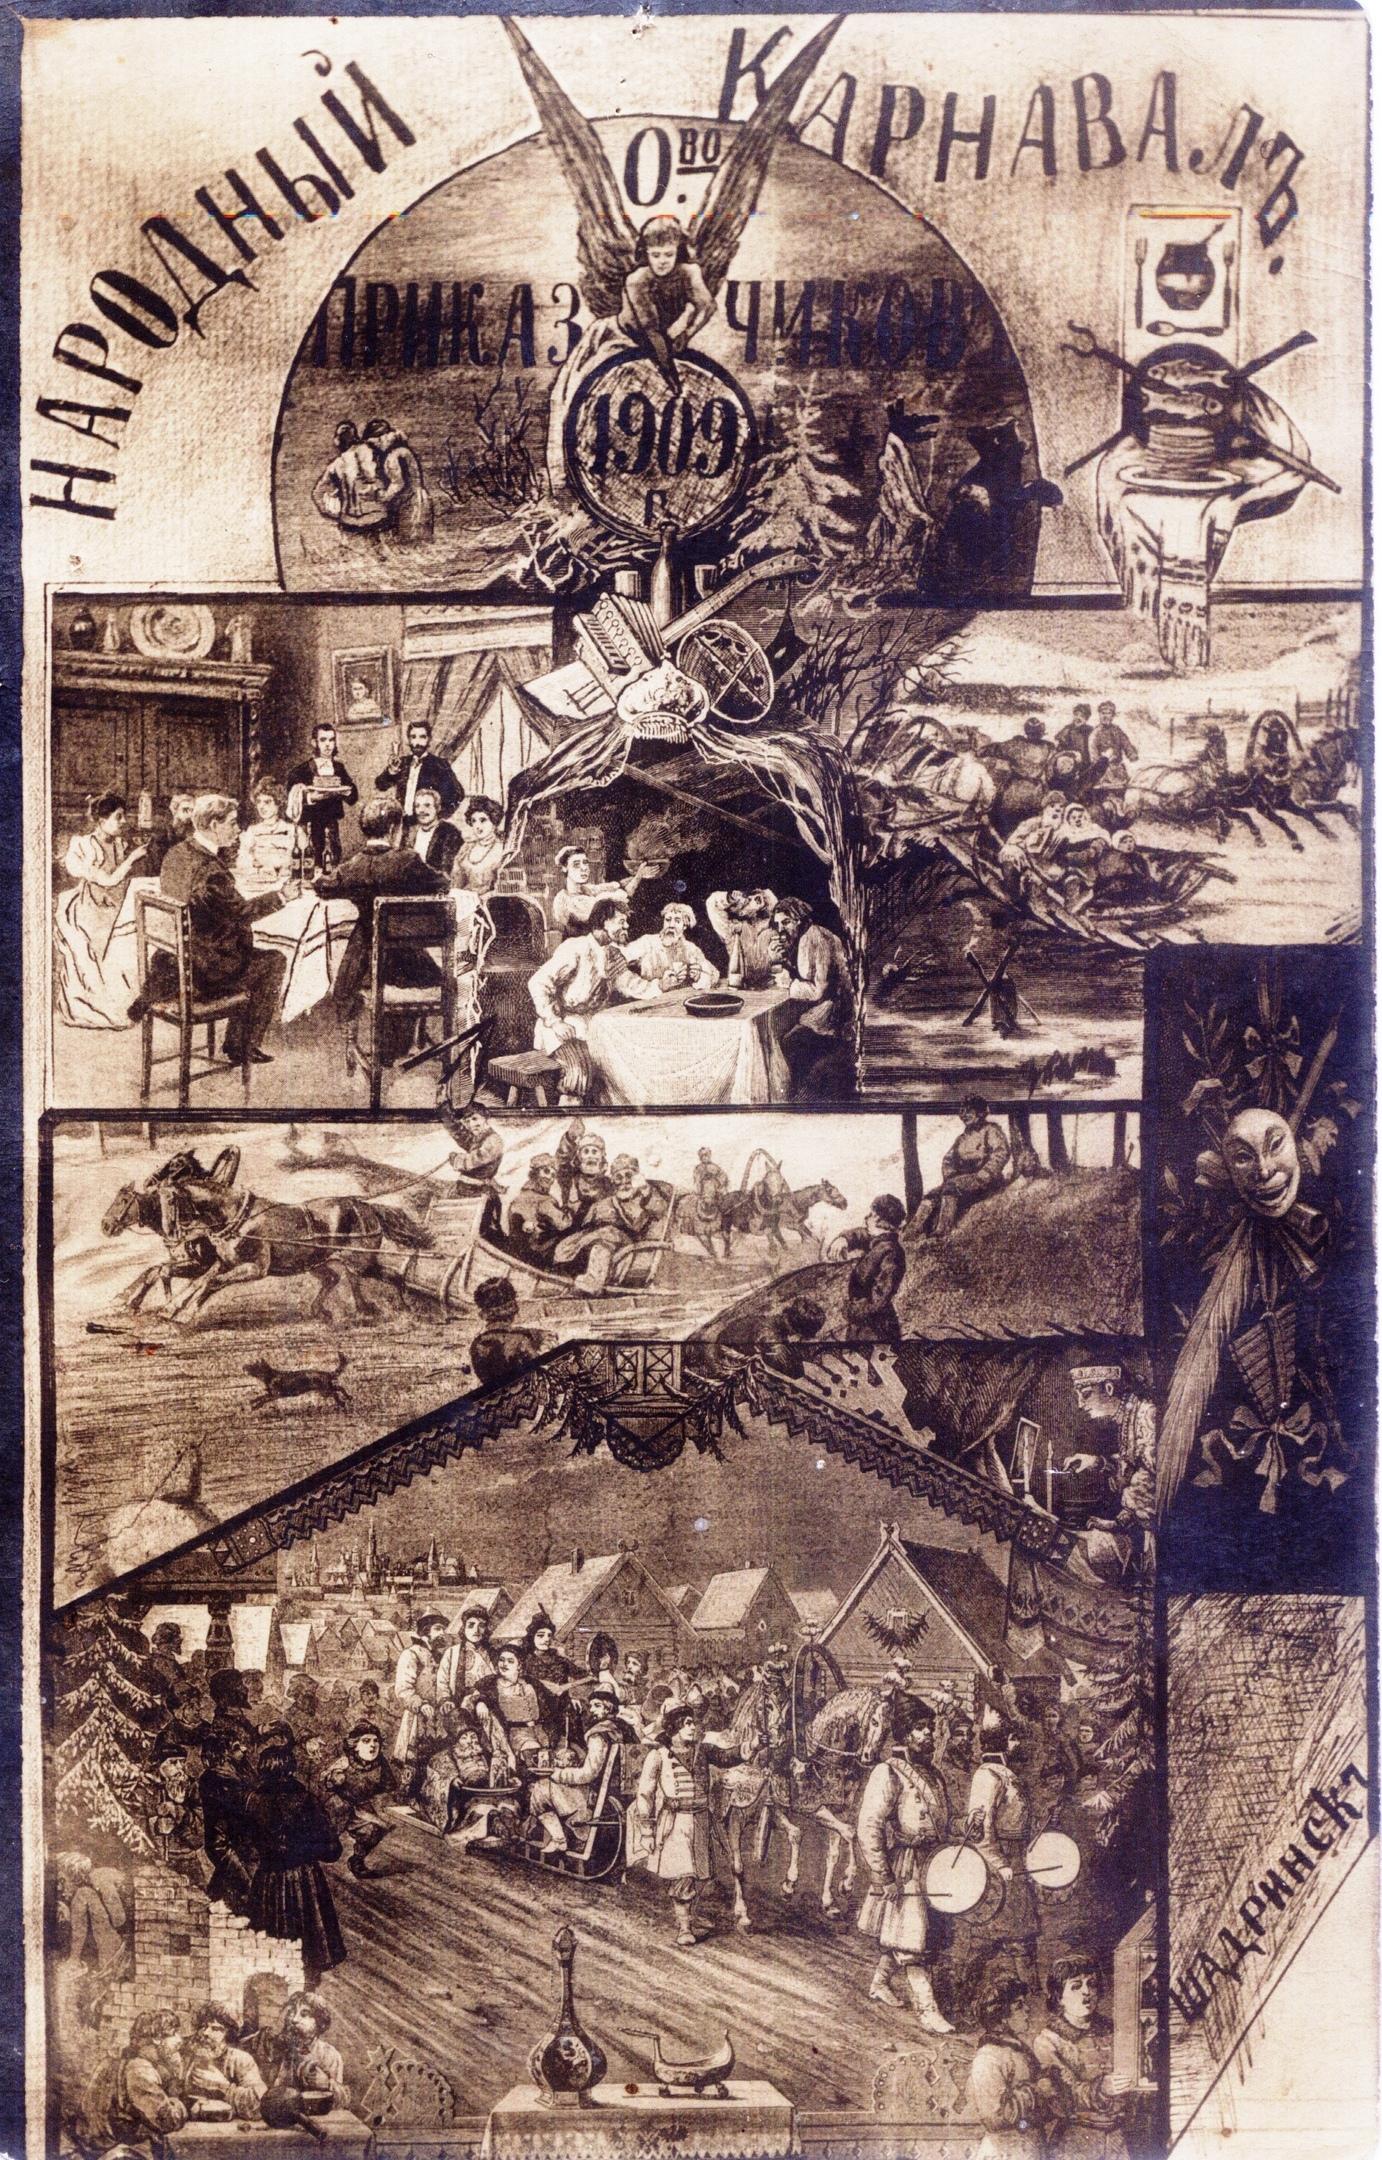 Открытое письмо. Народный карнавал Общества Приказчиков. 1909 г.